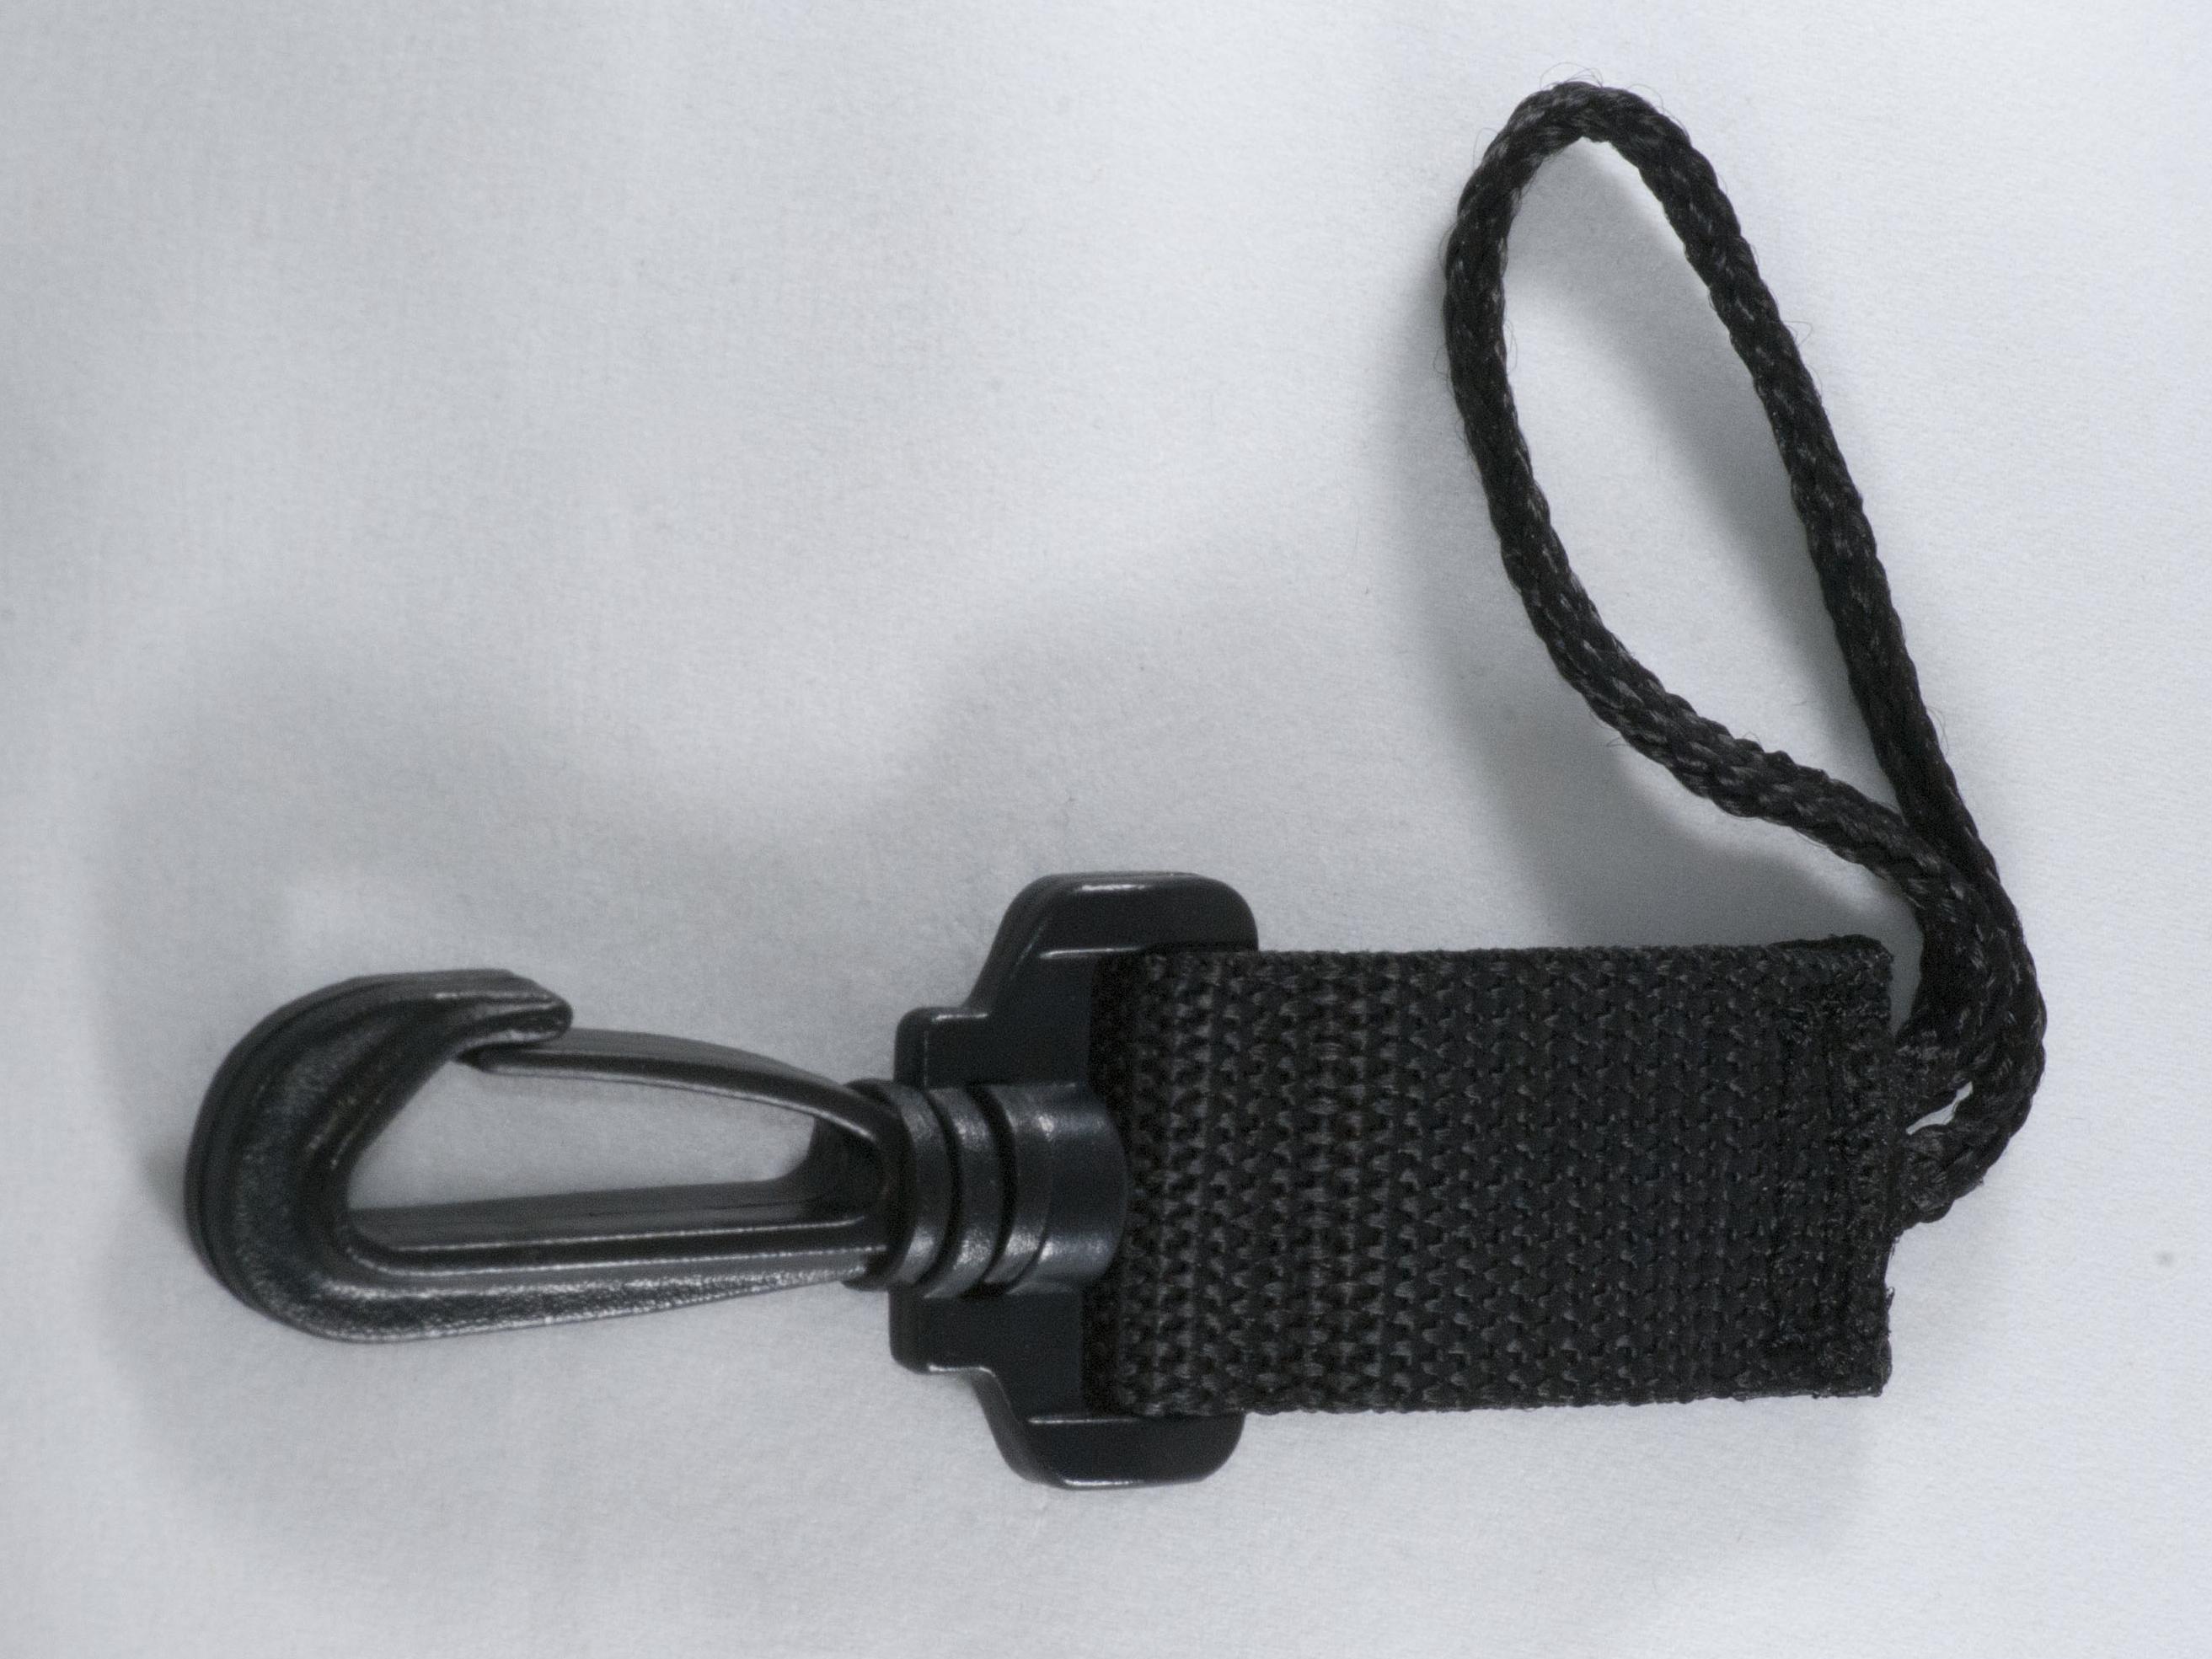 Clip & Loop End Lanyard Black